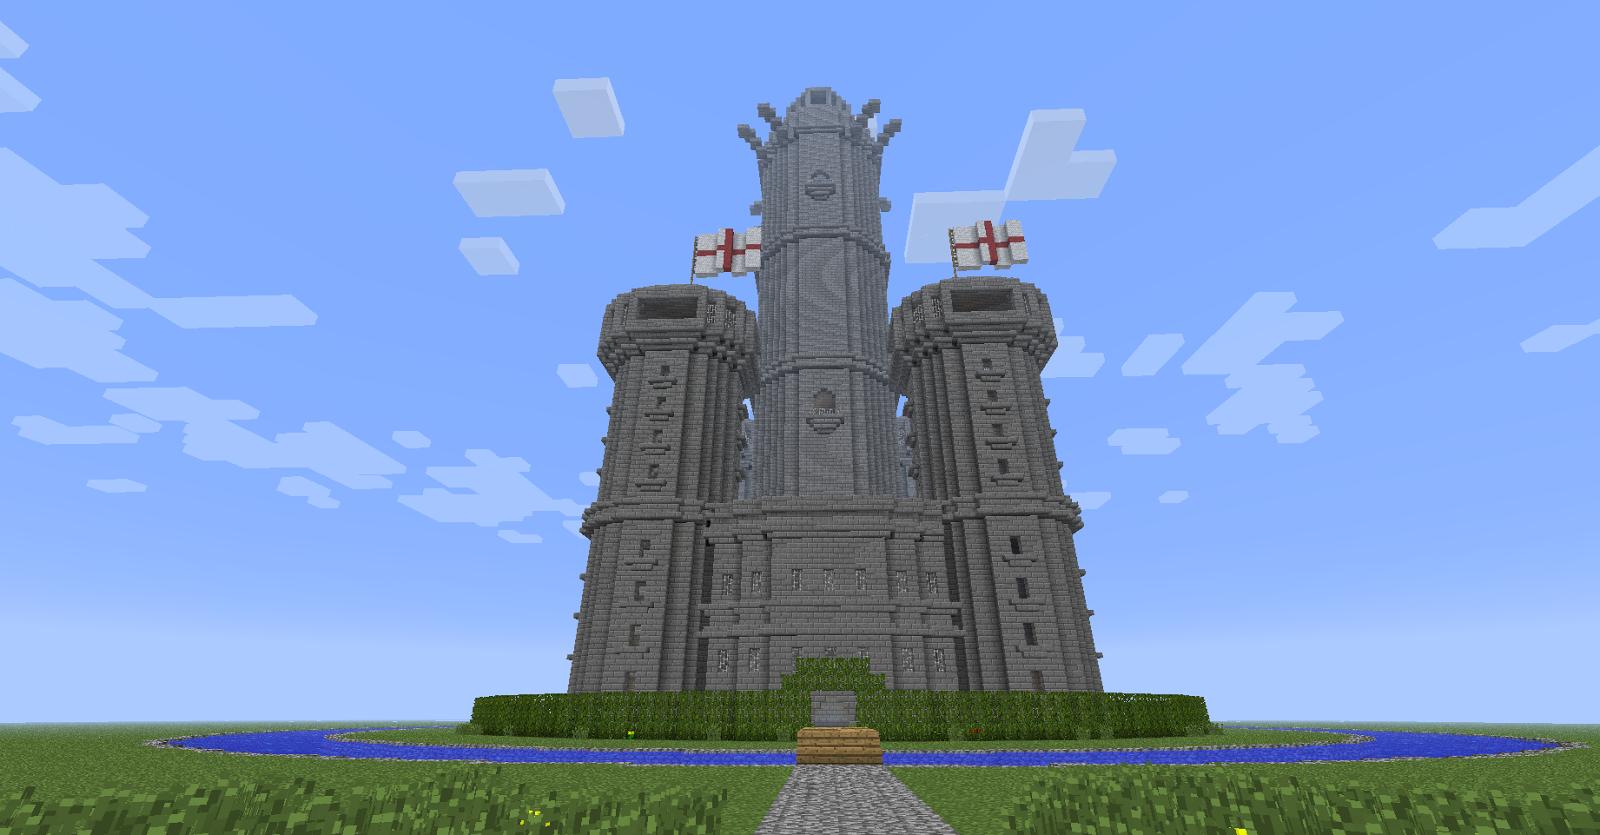 Minecraft 4 slot server / Casino near lansdale pa